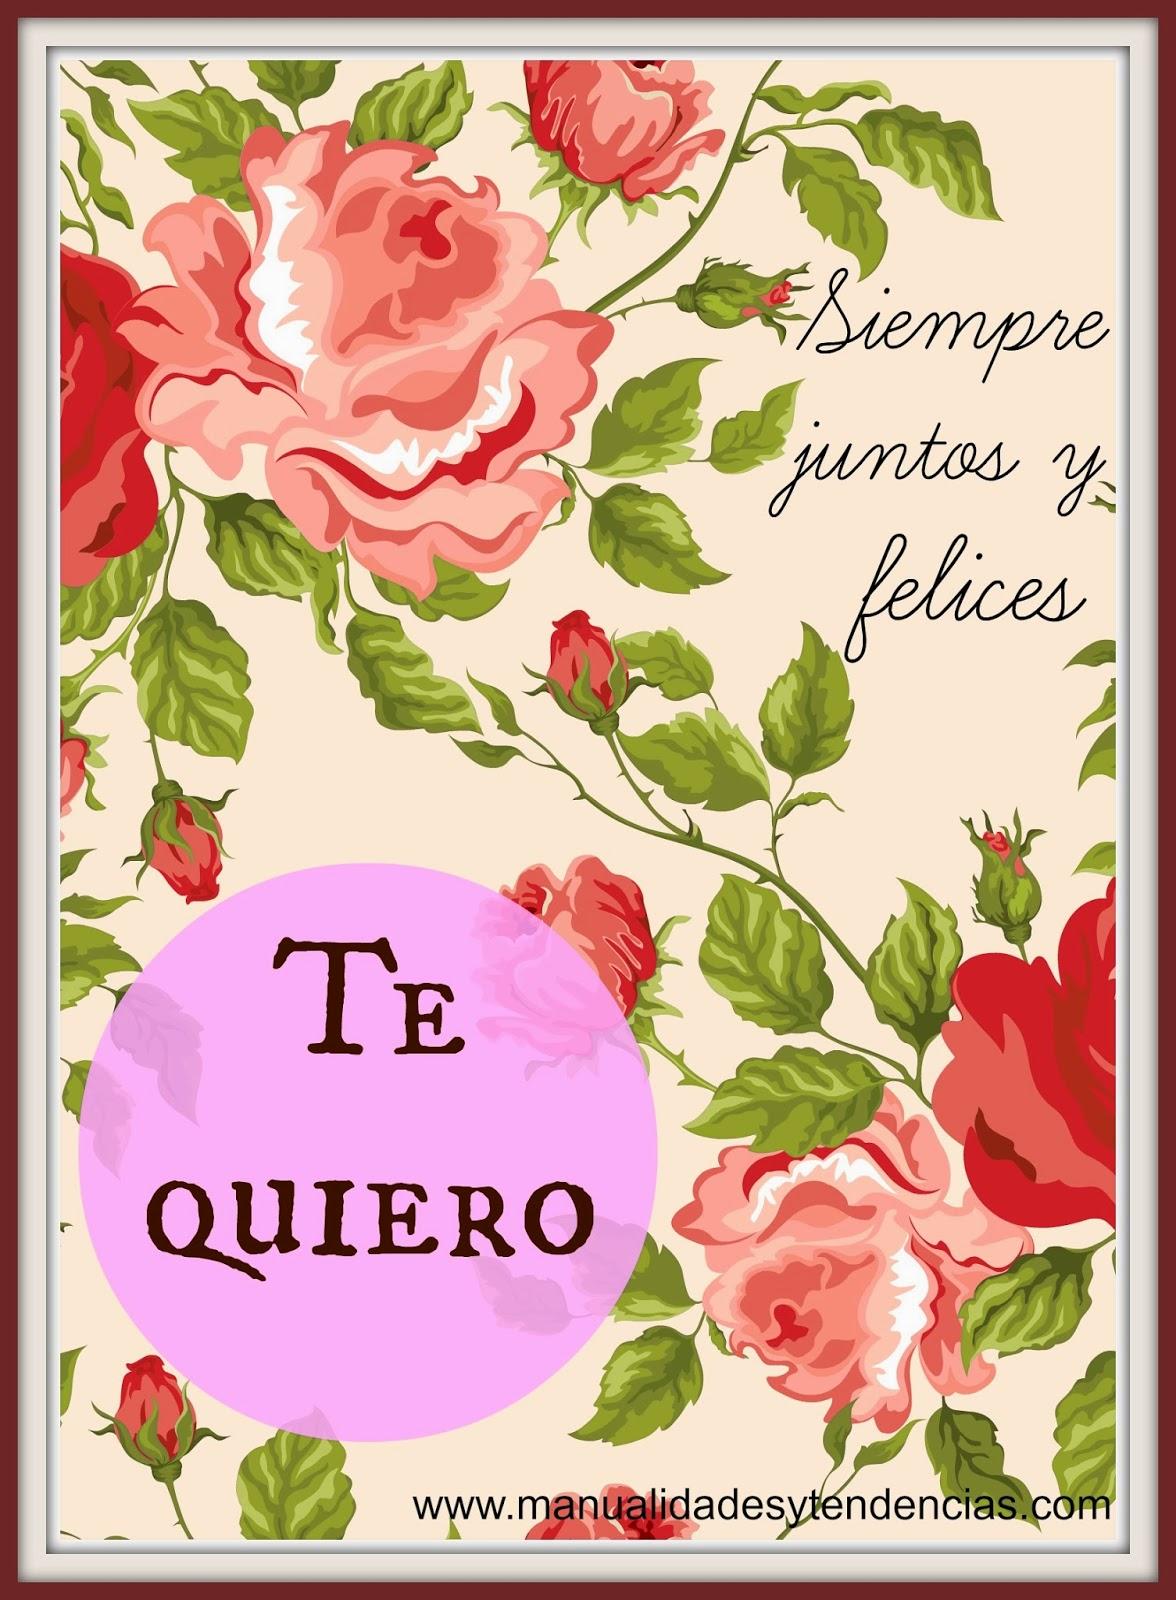 Tarjeta de San Valentín o día de los enamorados imprimible gratis.